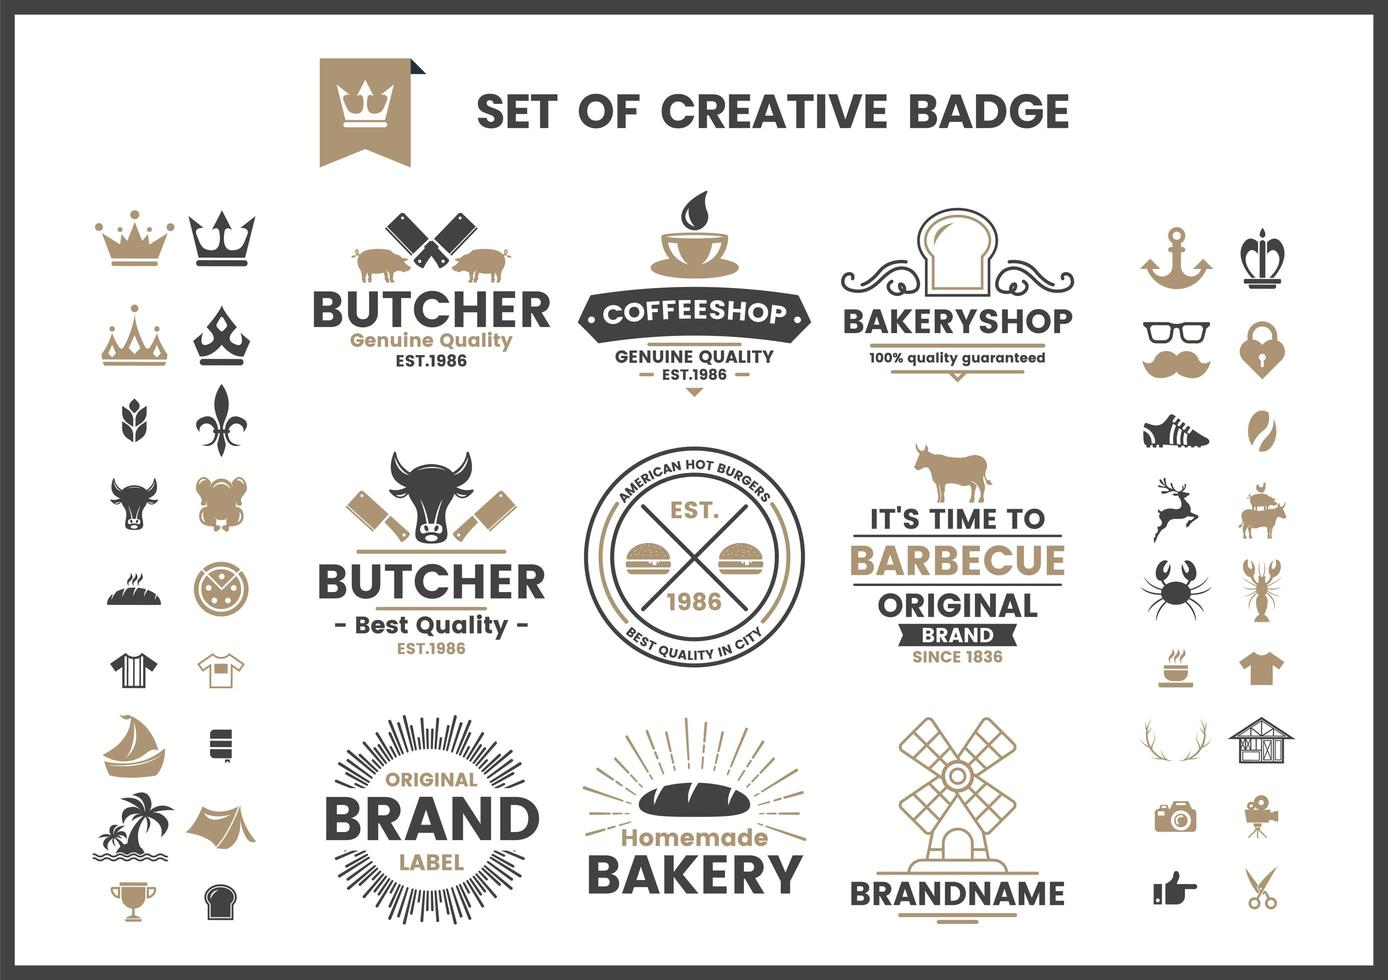 conjunto de logotipos vintage de café, panadería o carnicero marrón y negro vector